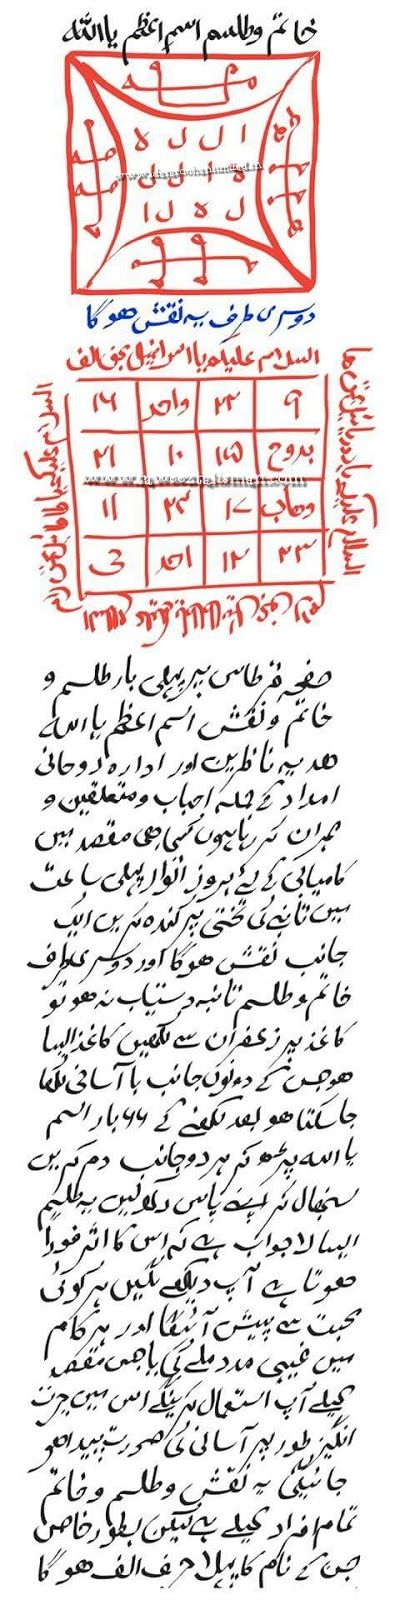 ادارہ روحانی امداد Spiritual Care 0091-33-23607502: Khatim o Tilism Ism e Azam Ya Allah